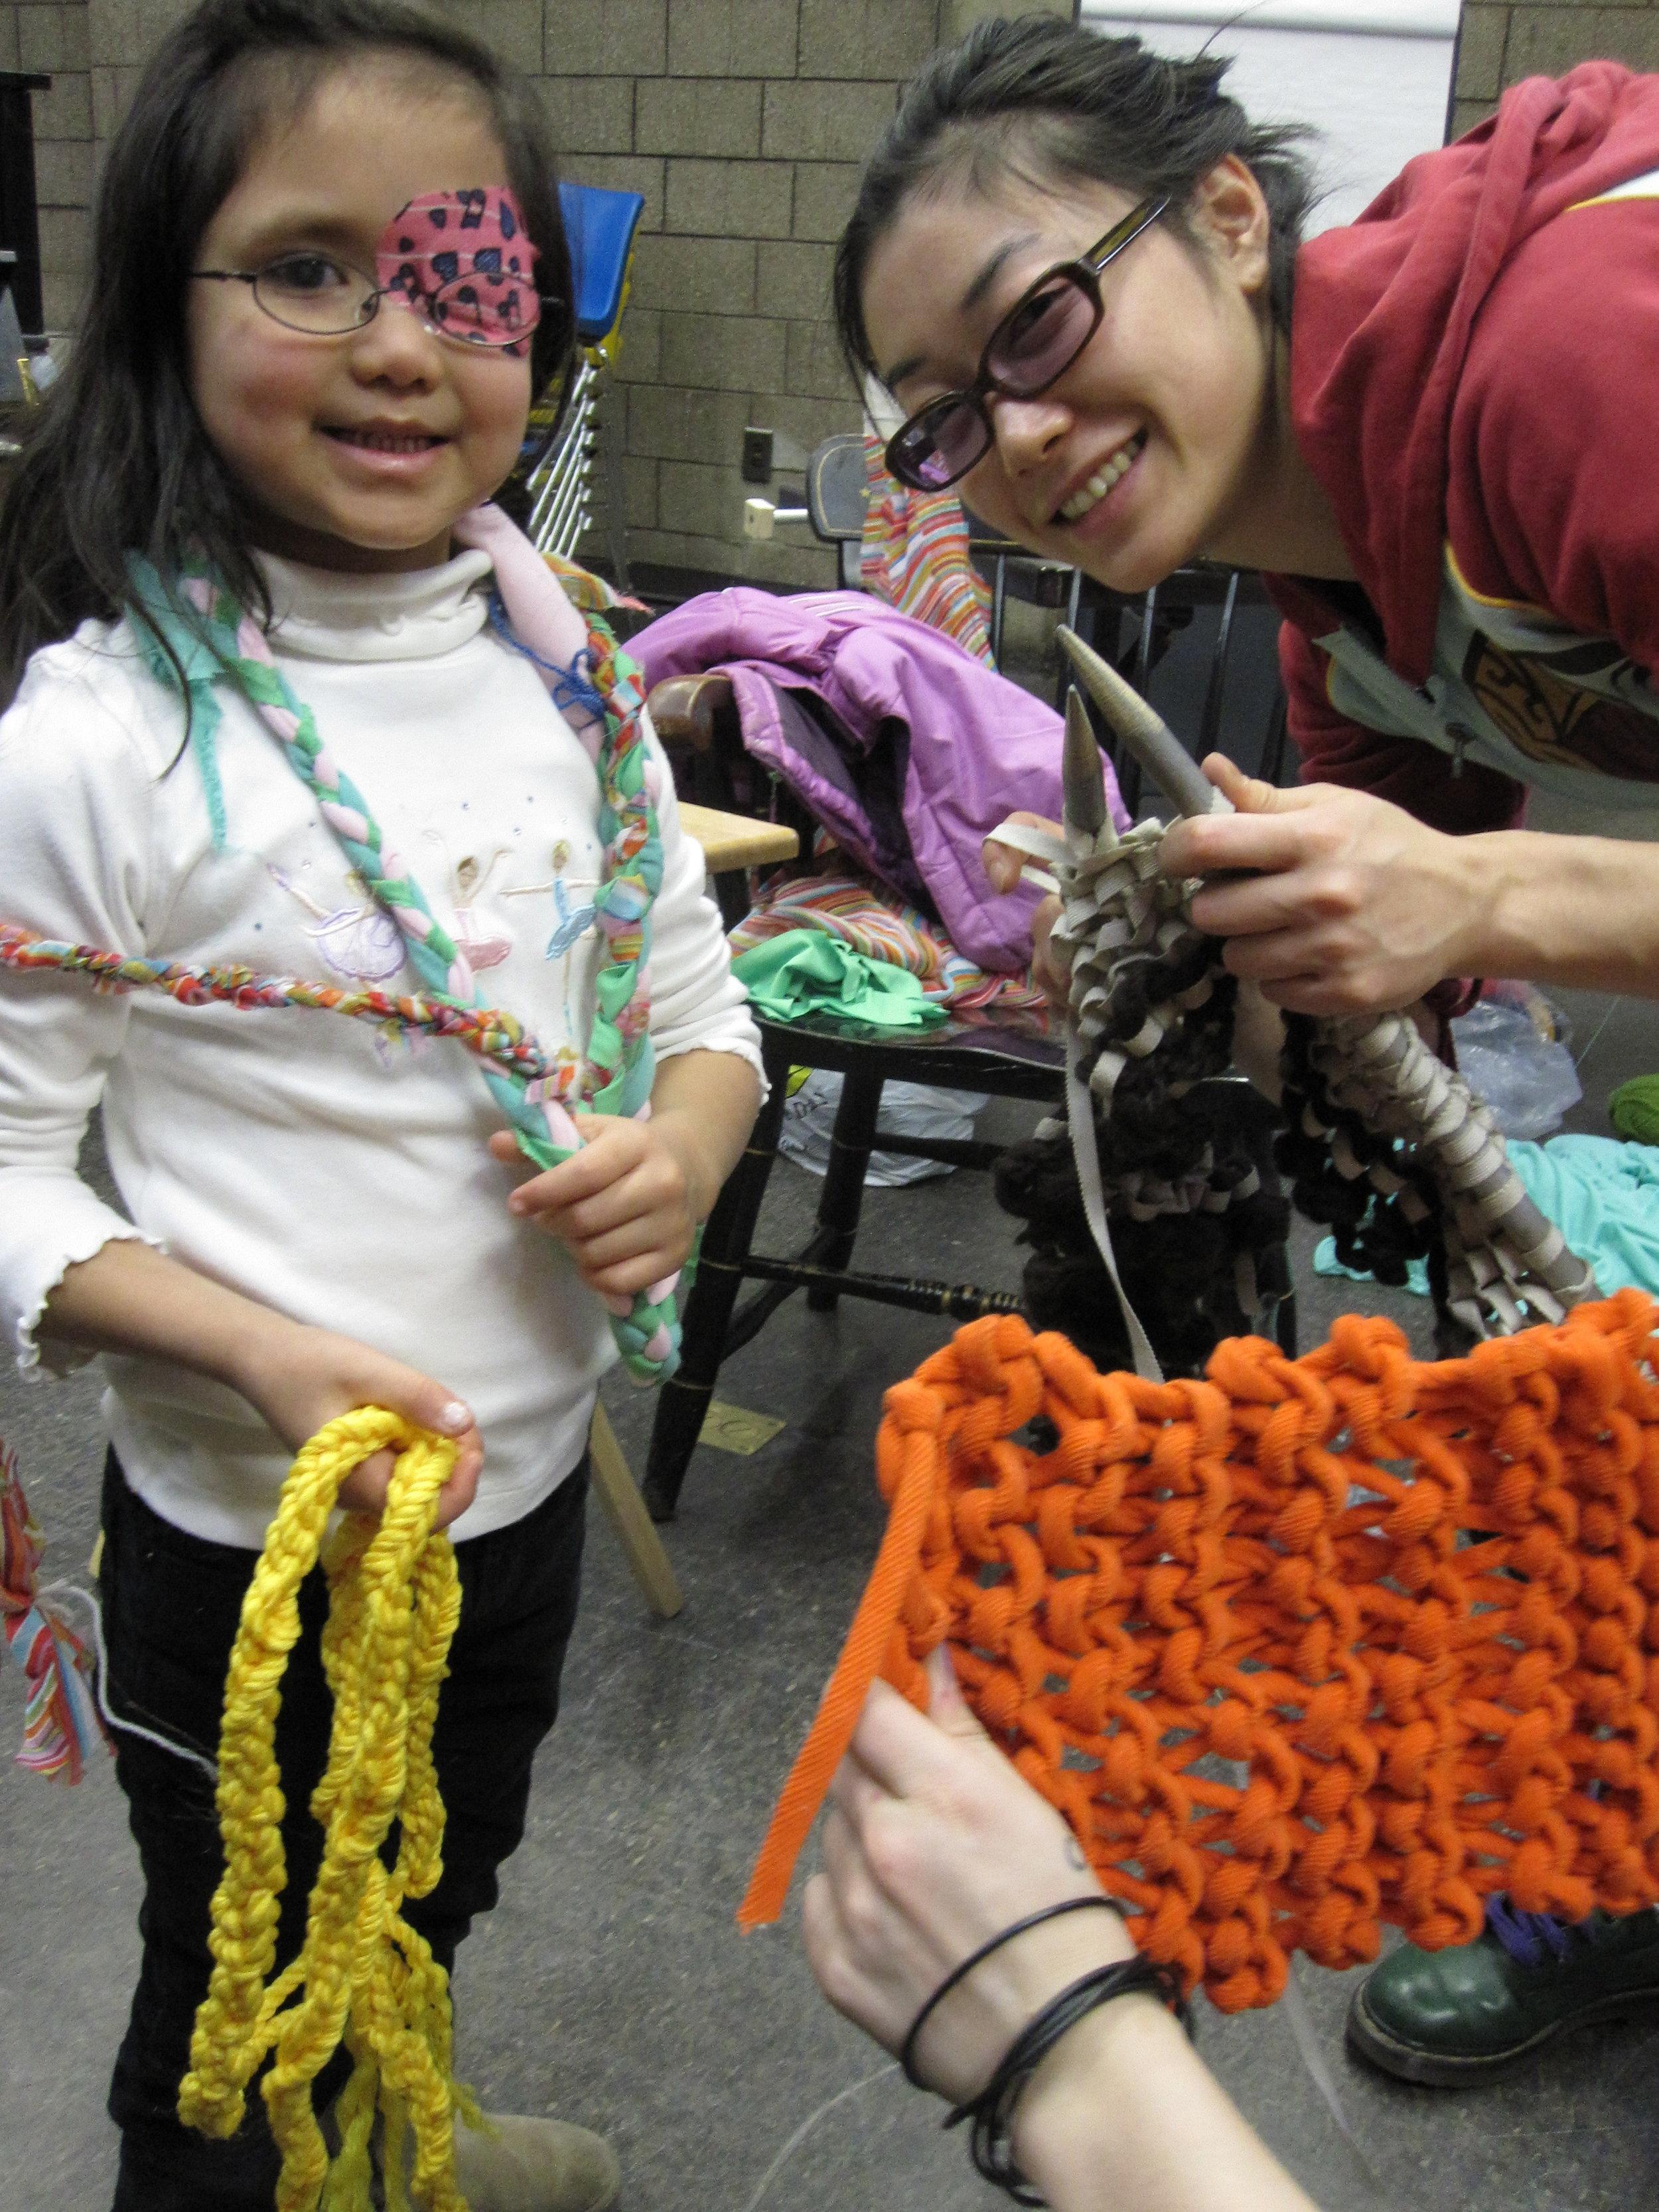 knittingmarathon10_4315188280_o.jpg